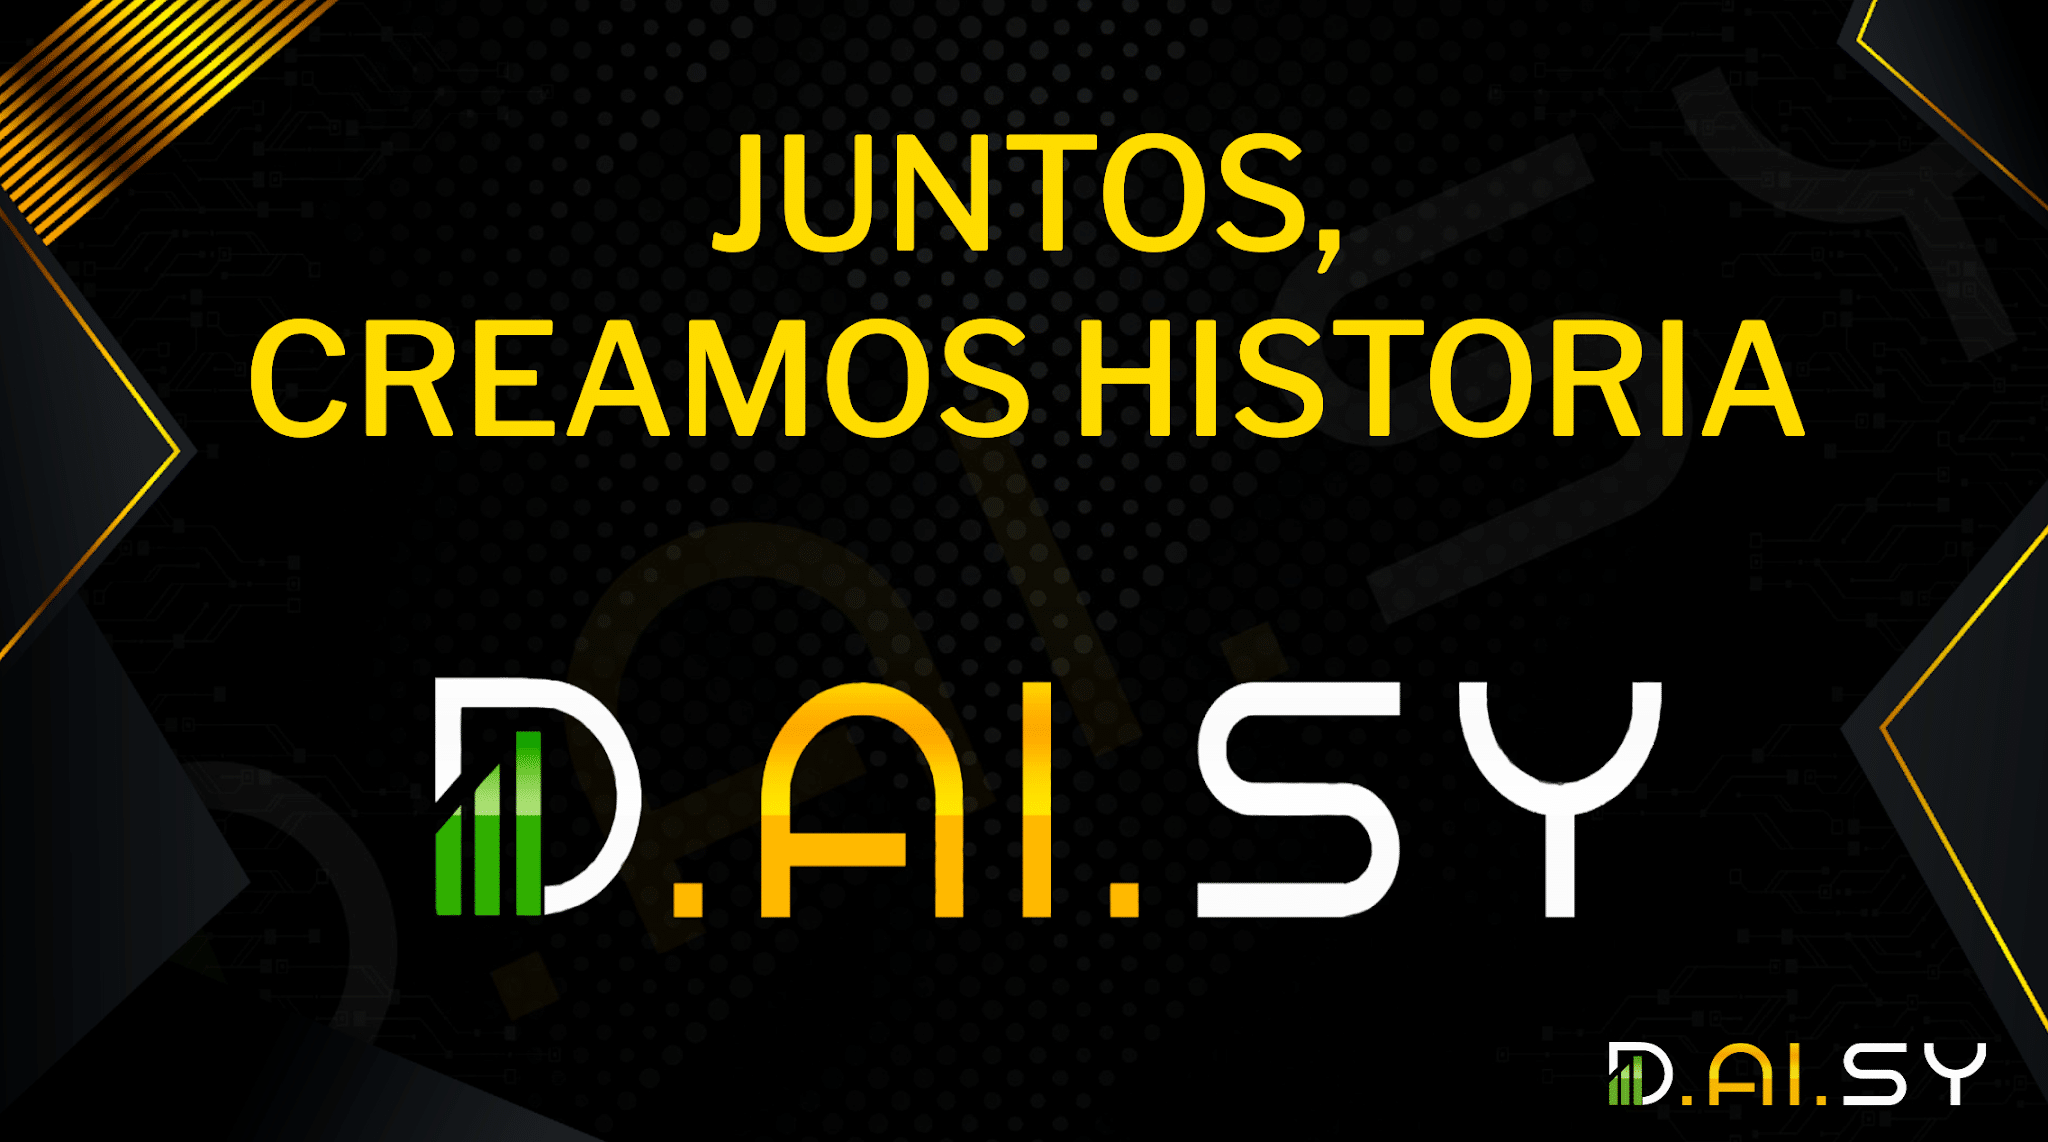 Entramos en D.AI.SY AI: Sistema de IA Descentralizada de la mano de Endotech.